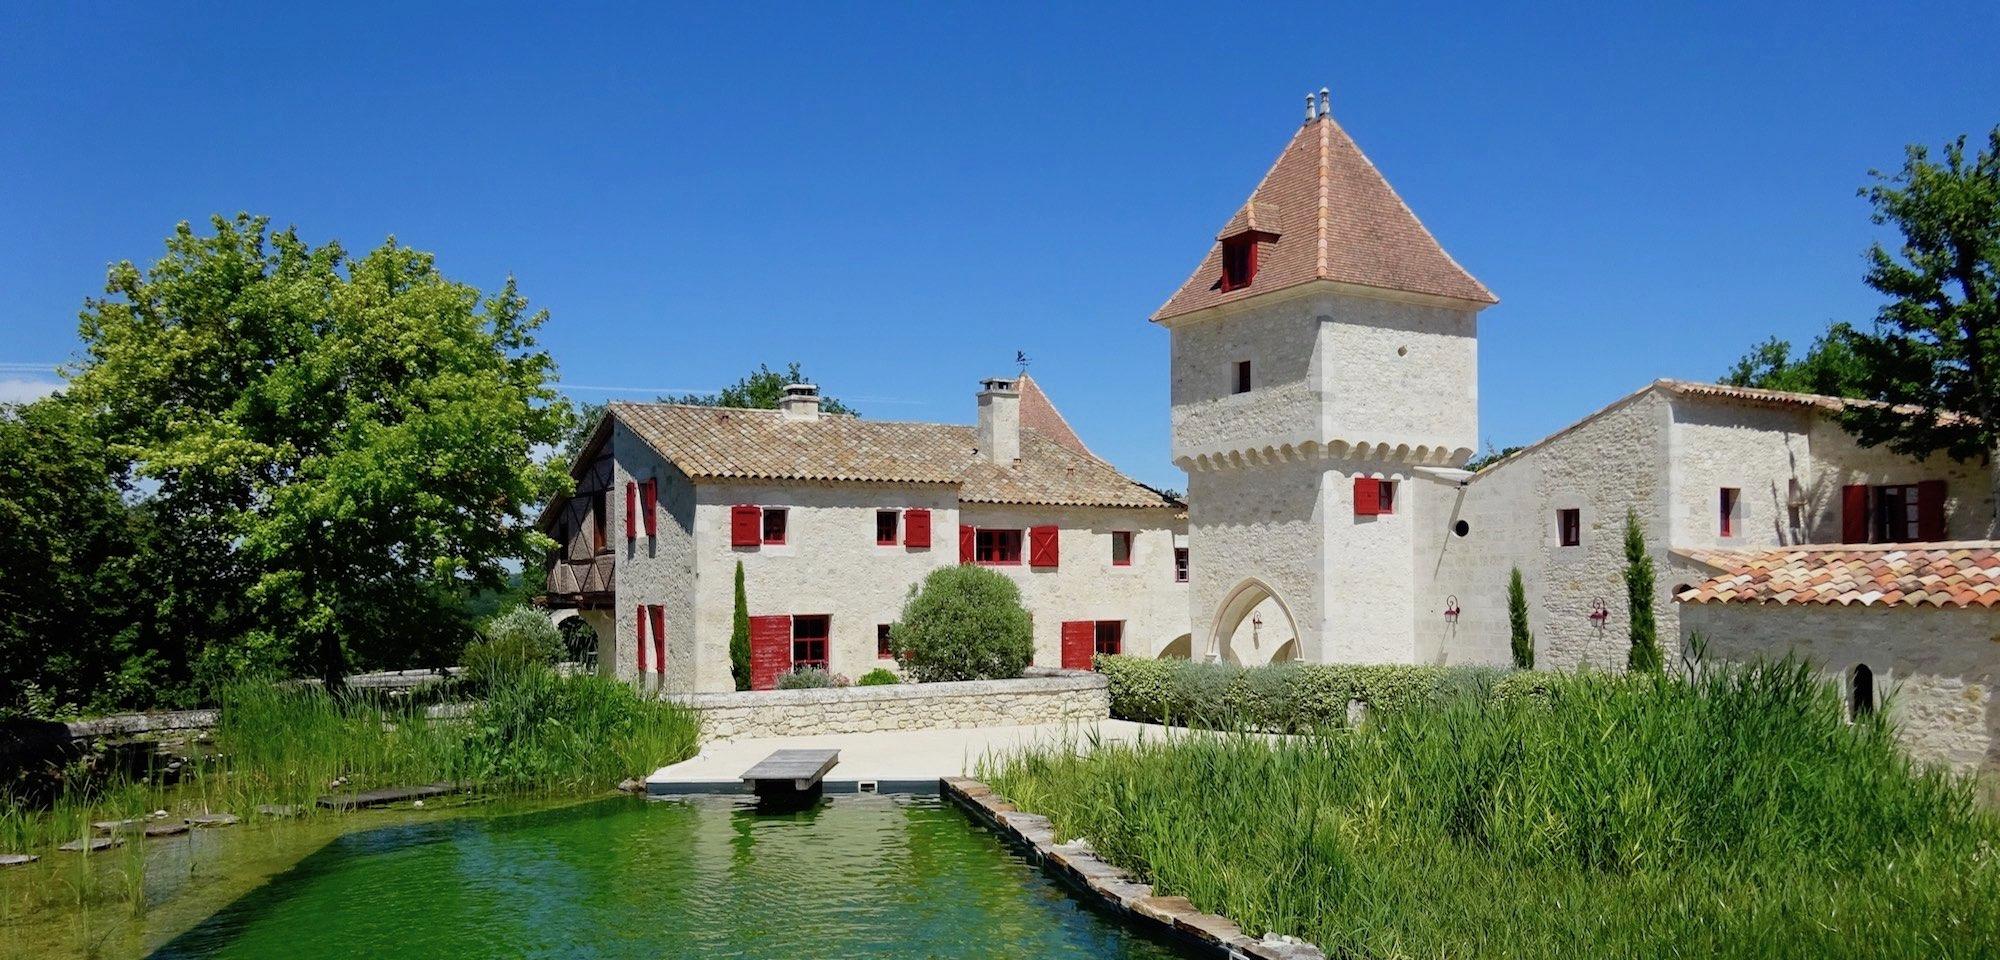 hameau guirauton piscine été jeune confort luxe 2000x960 - Château de Guirauton - version avant avril 2019